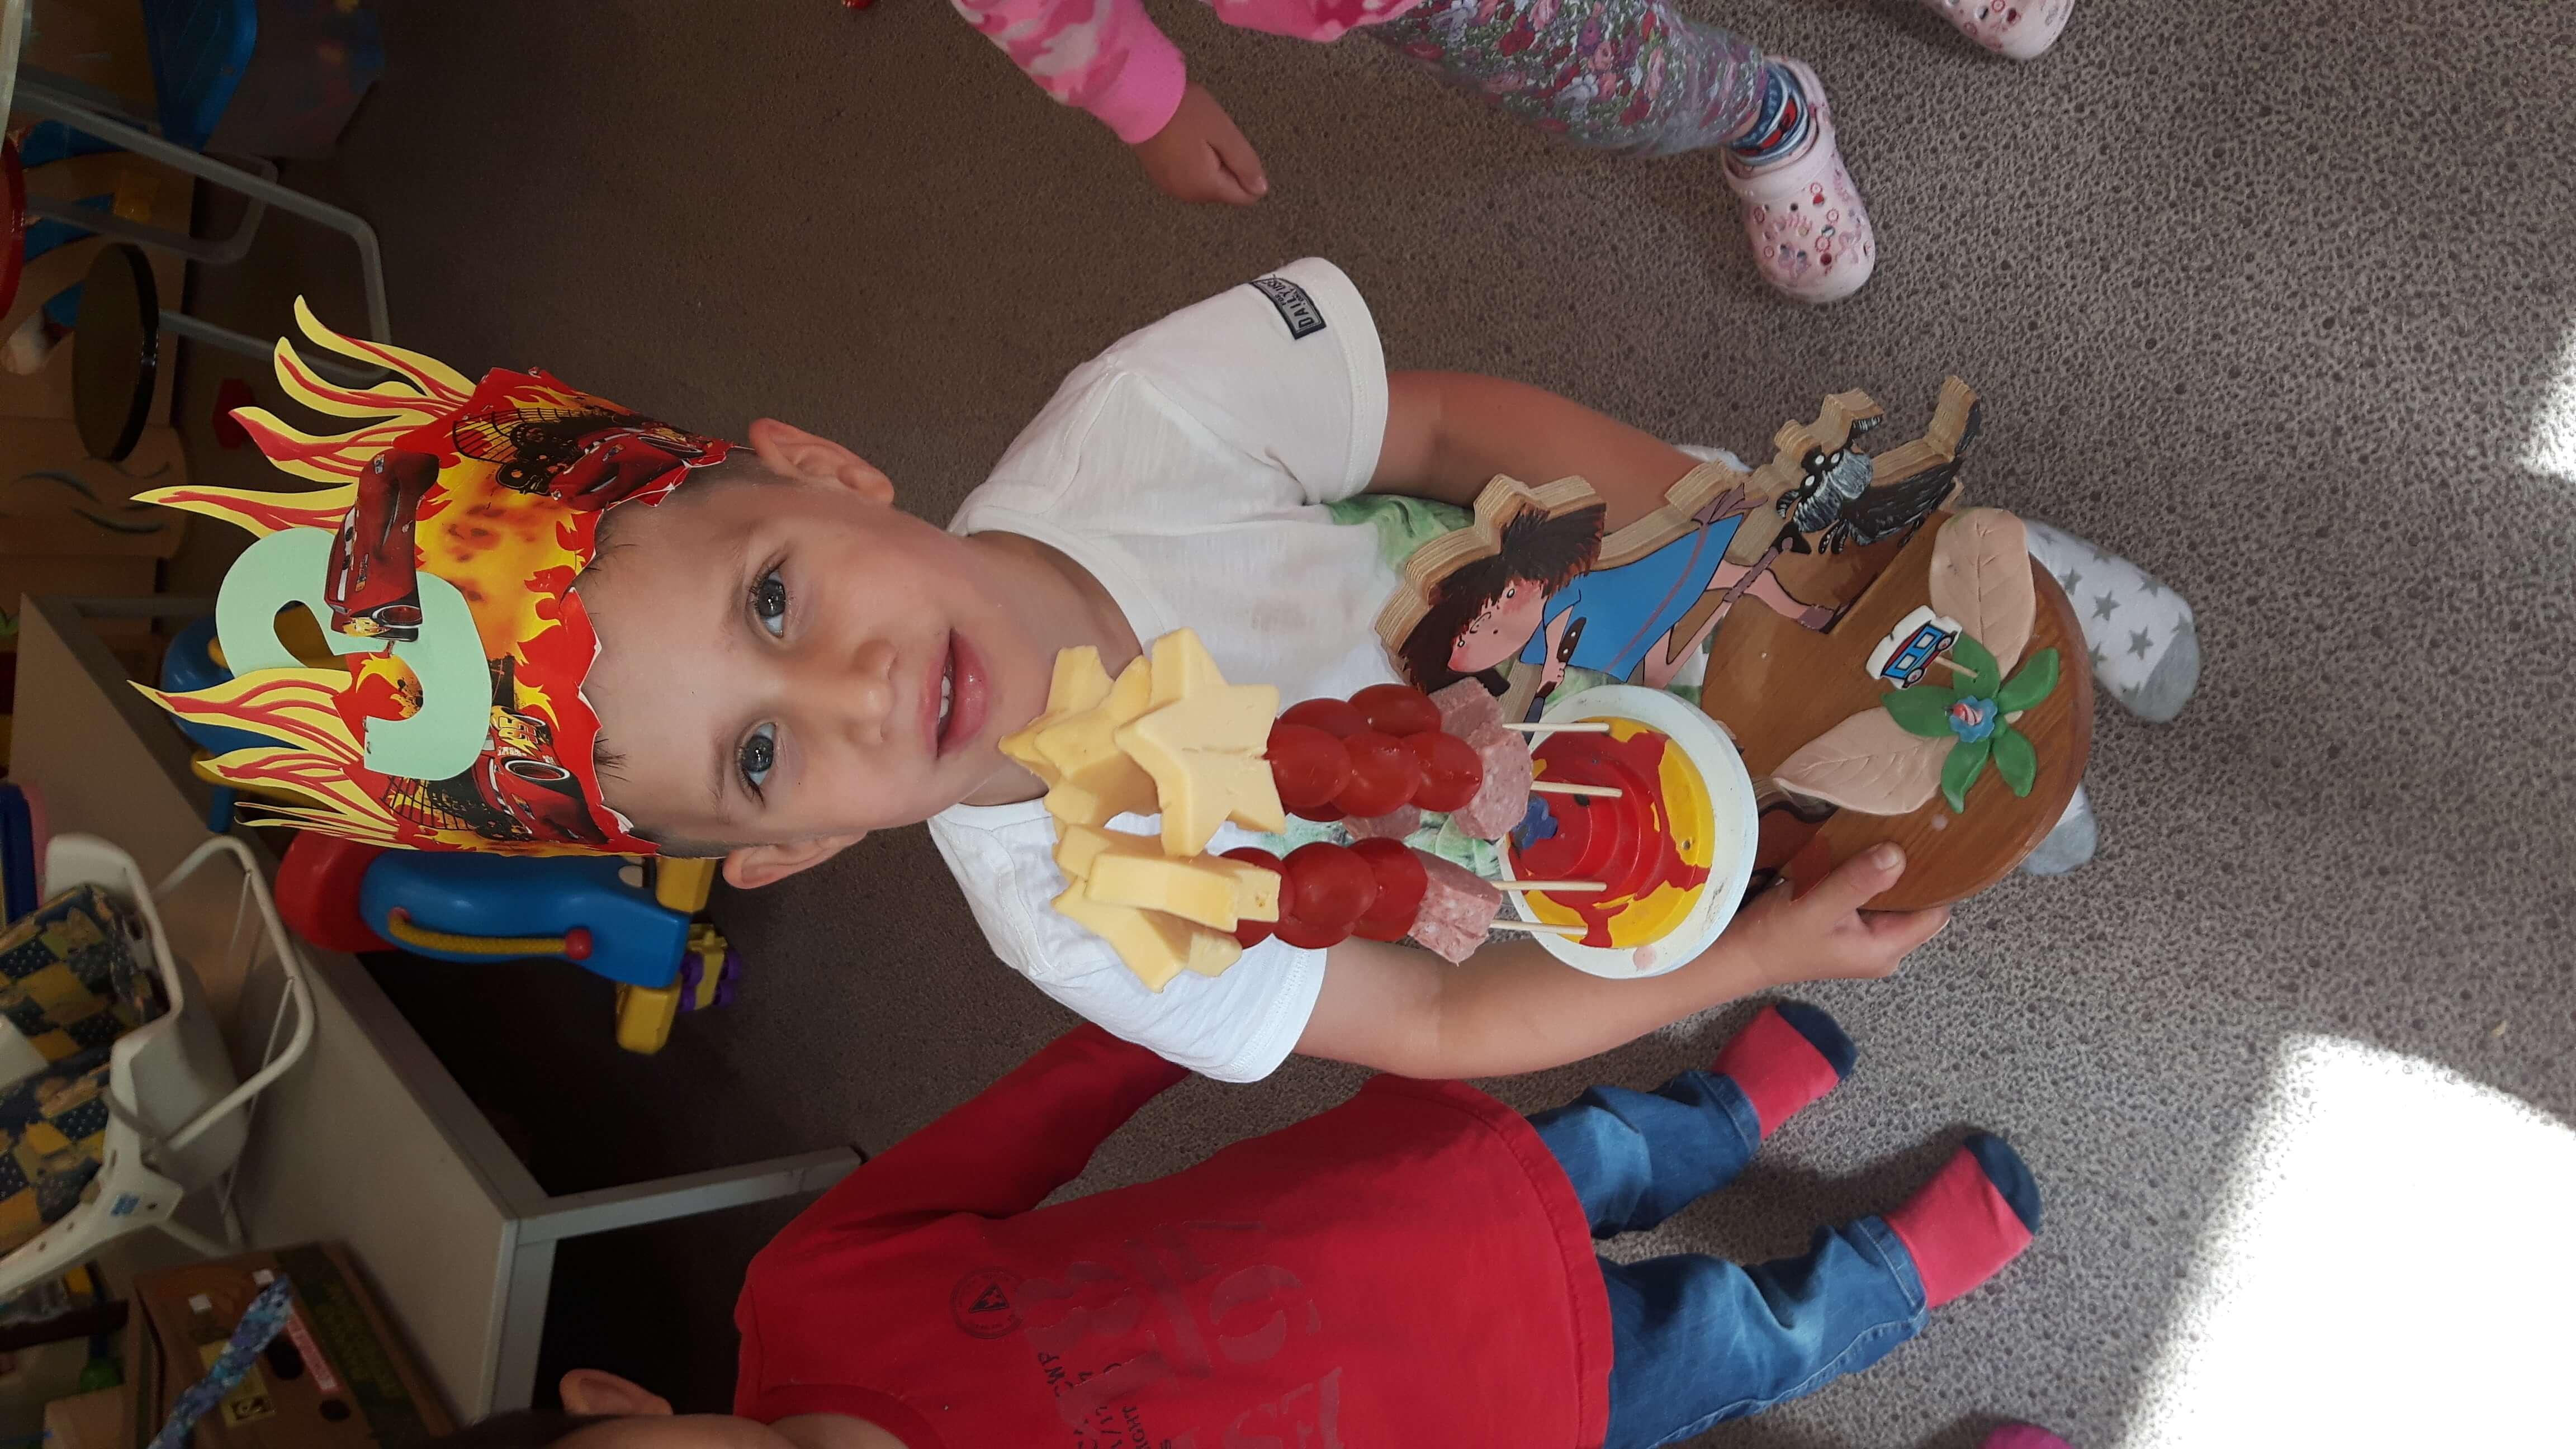 Landelijk Register Kinderopvang : Landelijk register kinderopvang kinderdagverblijf floddertje